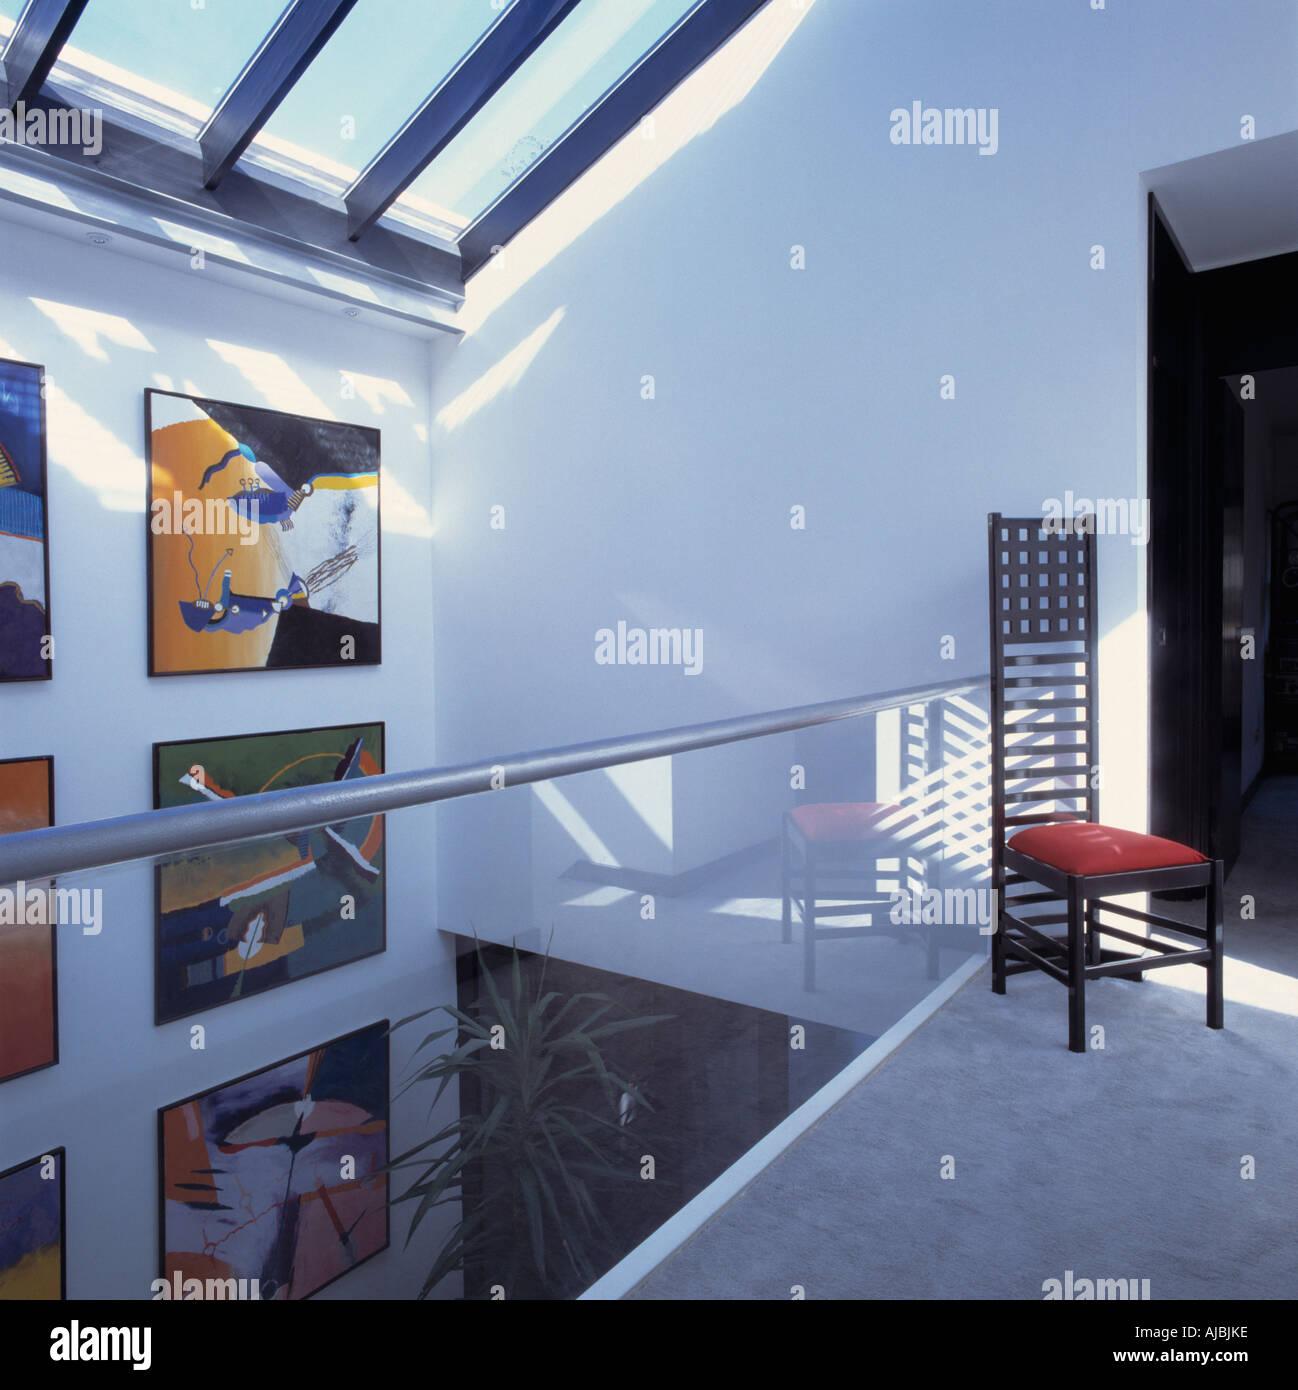 Charles Rennie Mackintosh Stil Stuhl Auf Modernes, Weißes Landung Mit Modernen  Bildern Und Bannister Glaswand